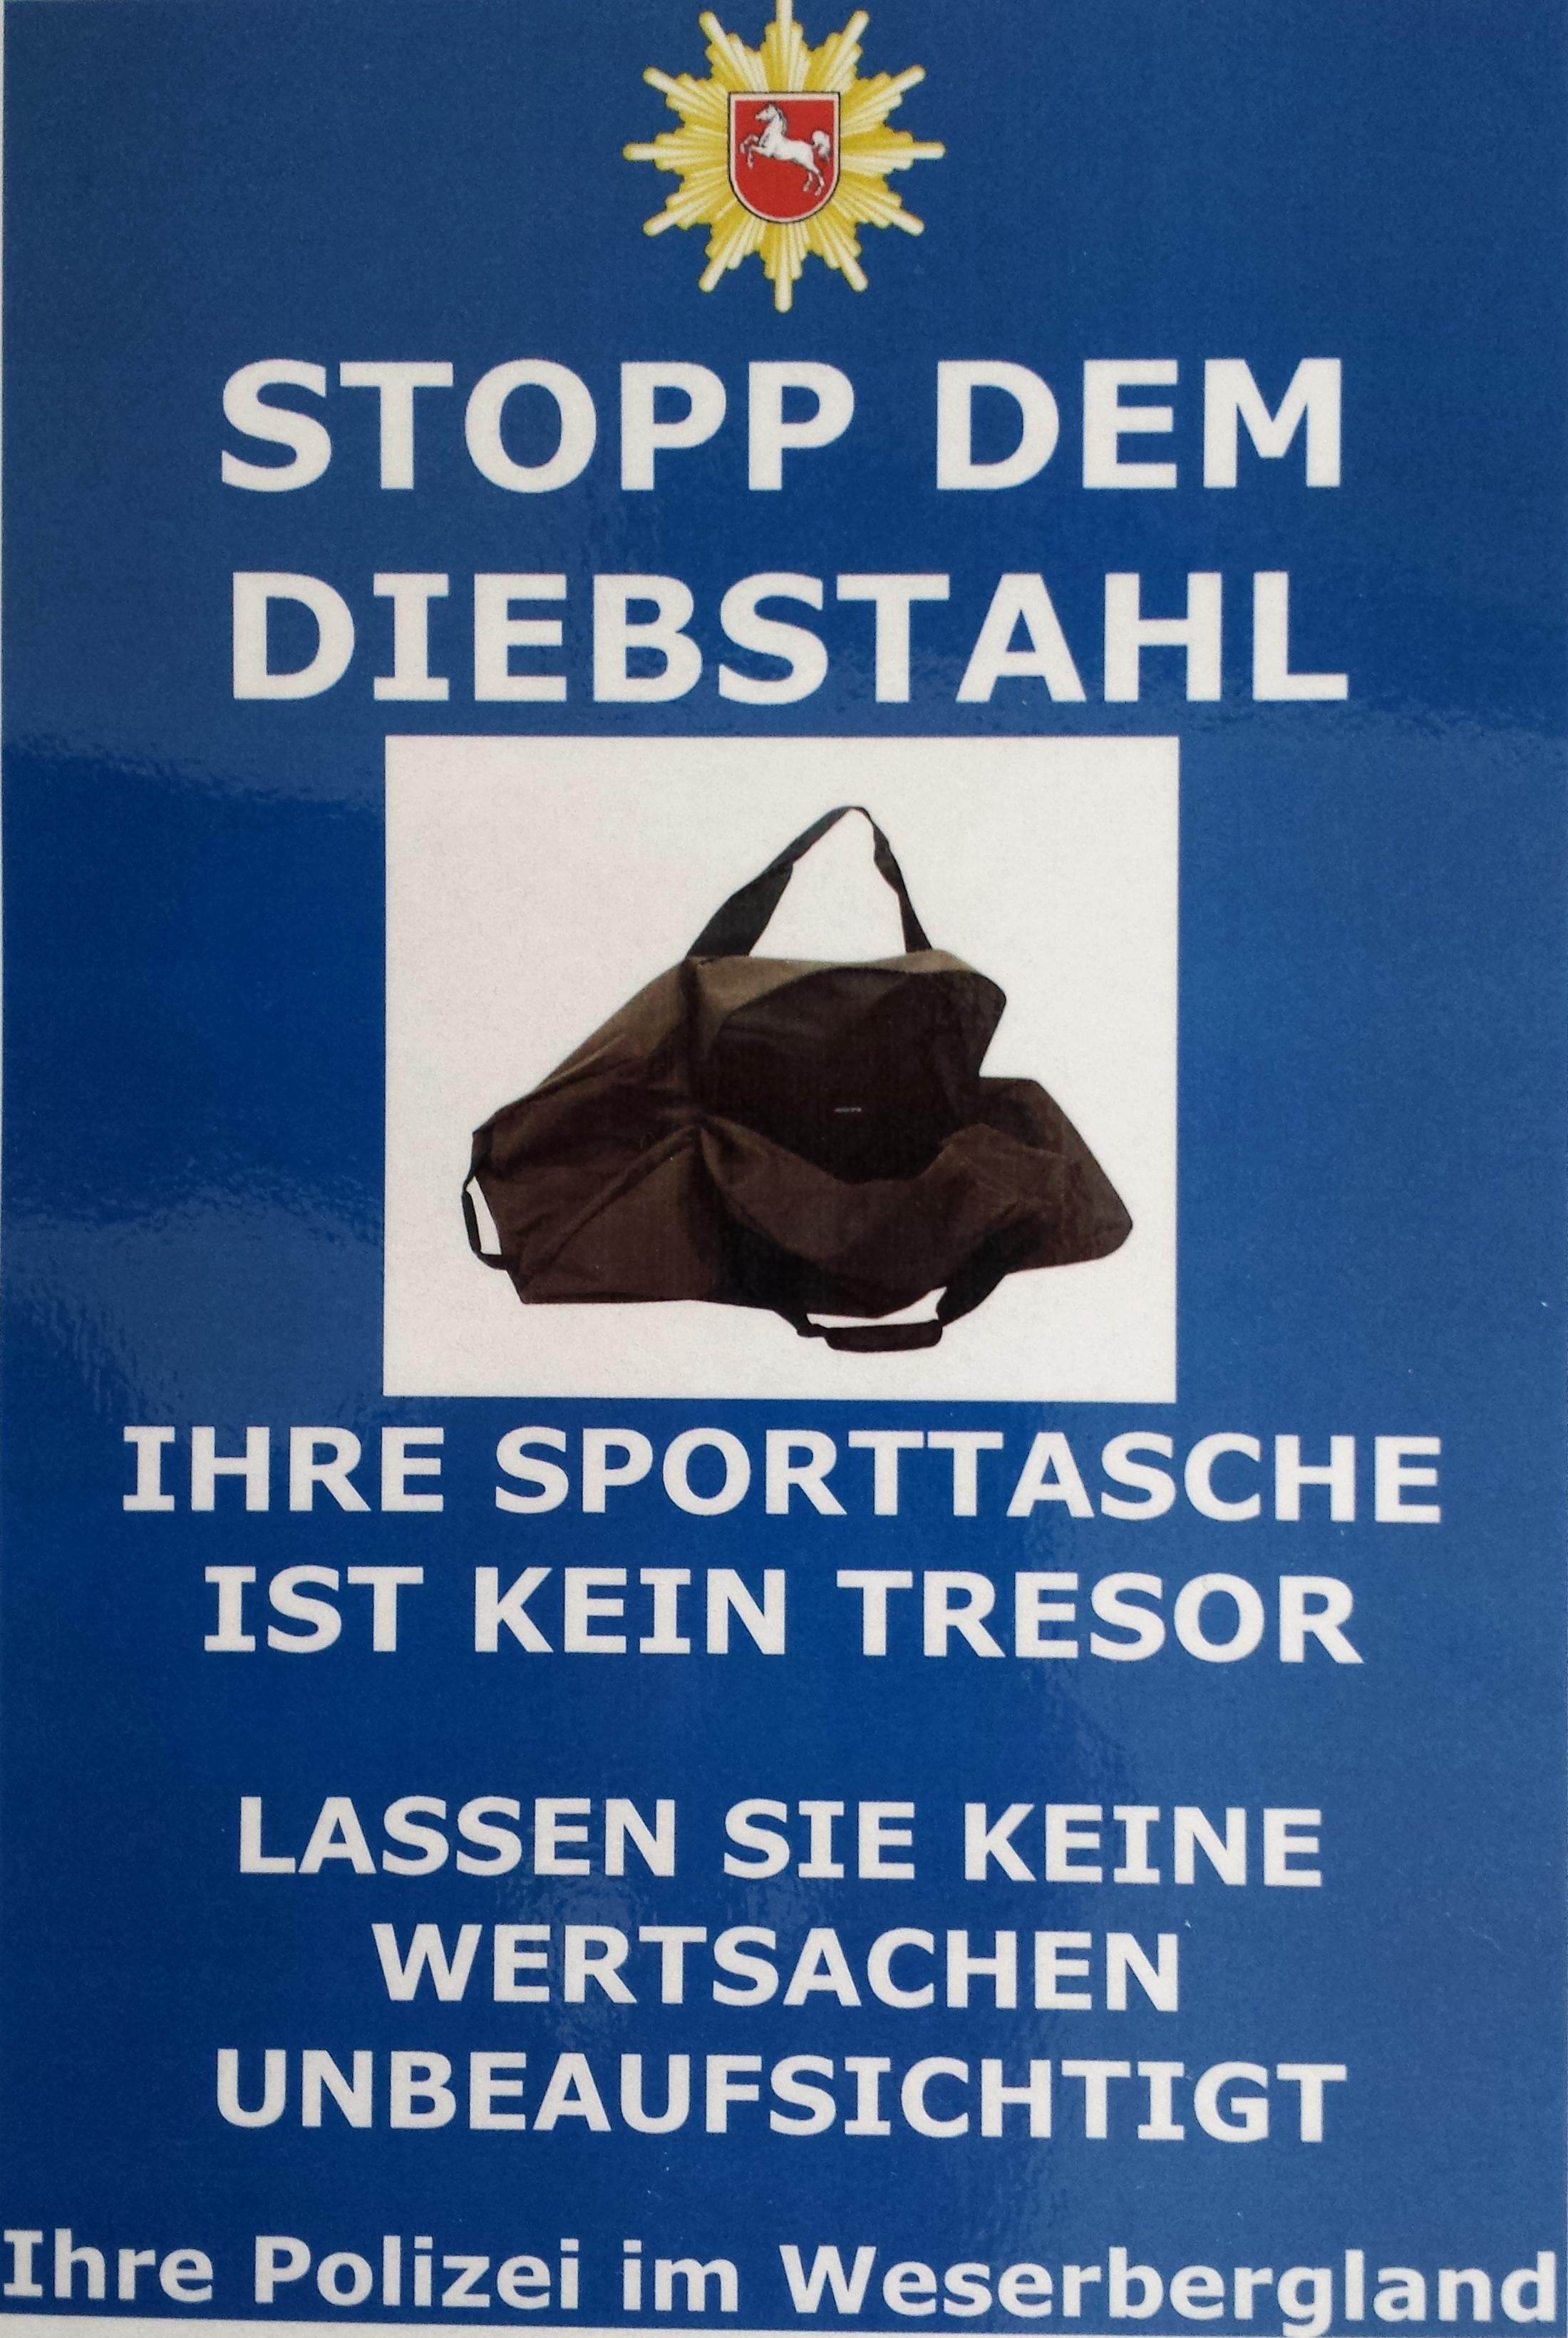 """Das Motto: """"STOPP DEM DIEBSTAHL - DIE SPORTTASCHE IST KEIN TRESOR""""(Foto: OTS)"""